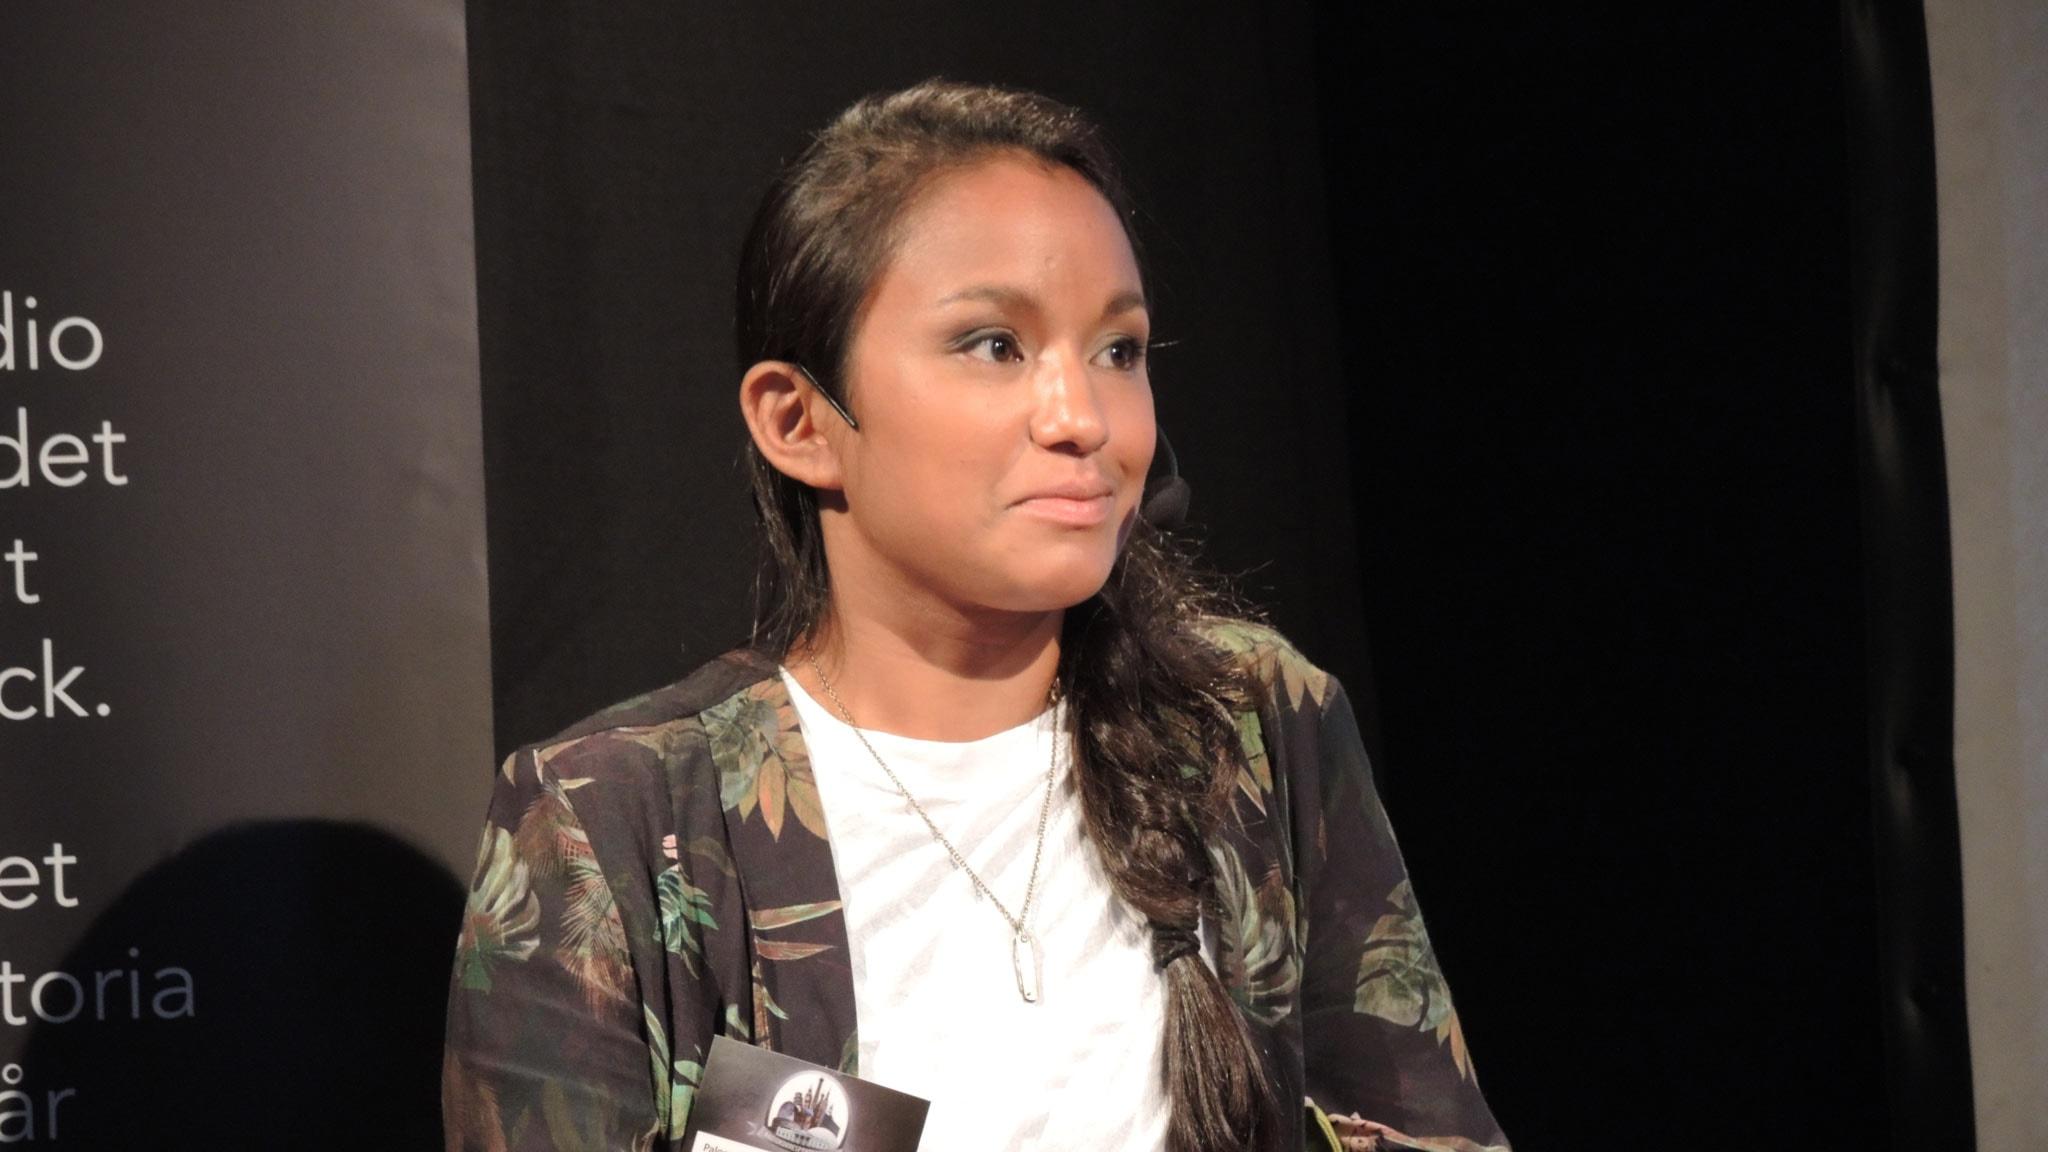 Paloma Vangpreecha om hur det är att inte se ut som en klassisk utrikeskorrespondent